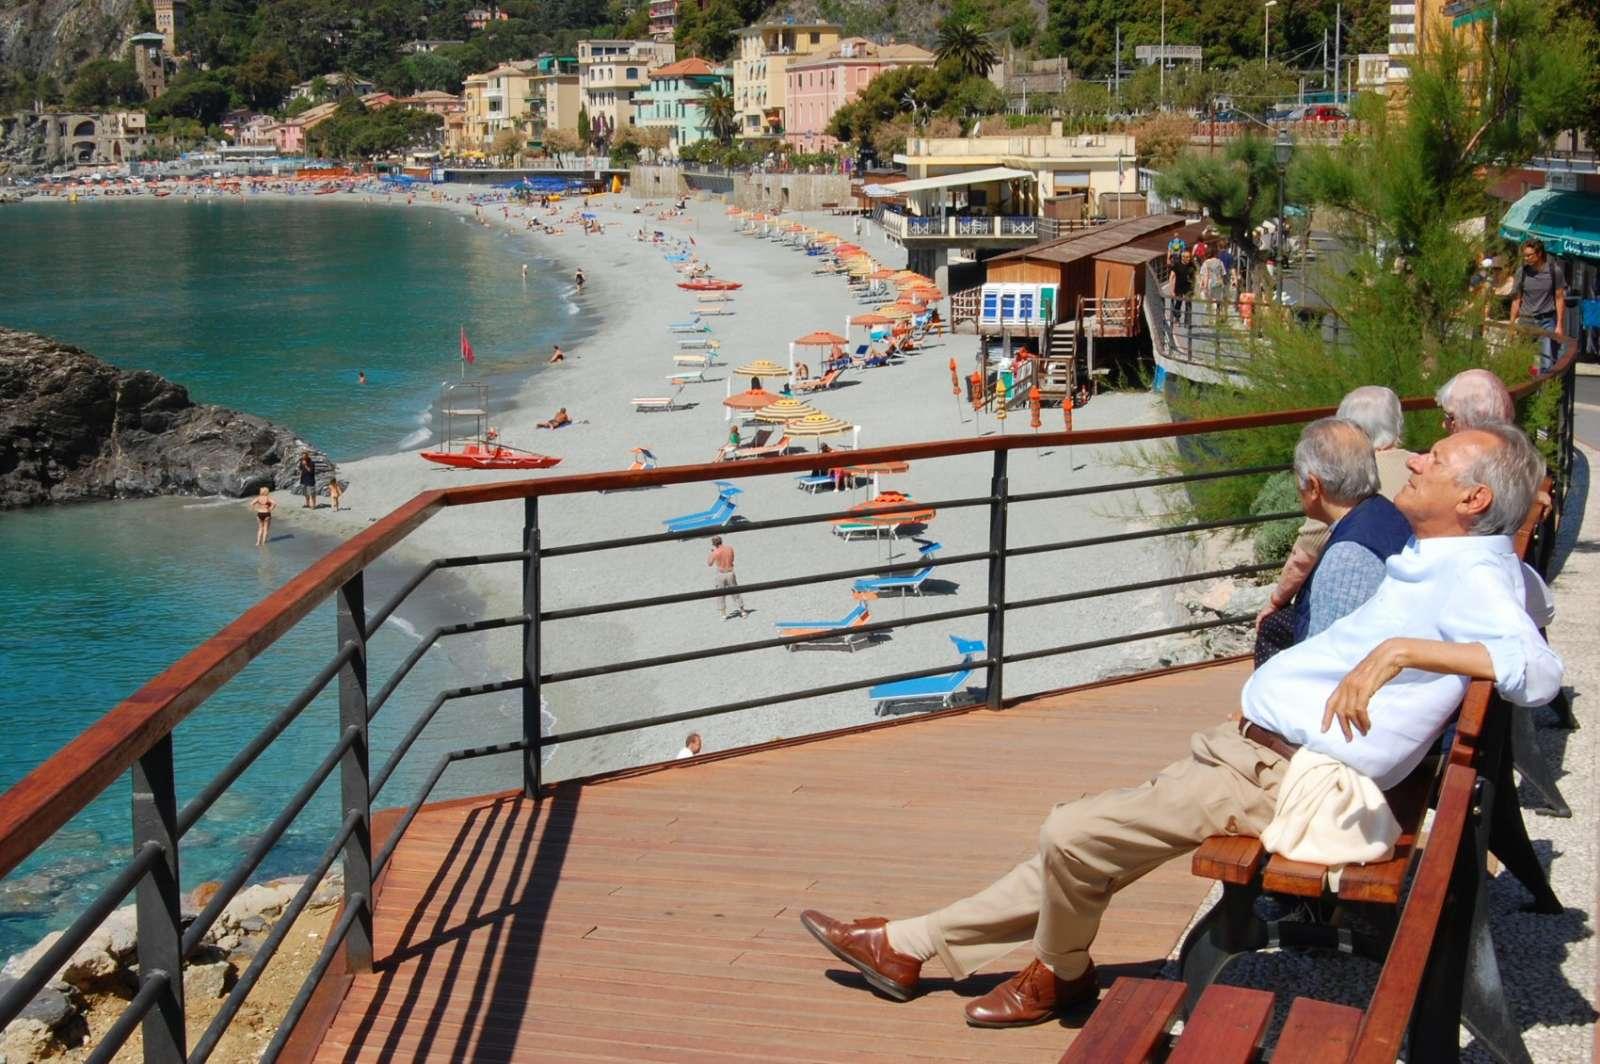 Langs med strandpromenaden er der rig mulighed for at nyde en solrig stund